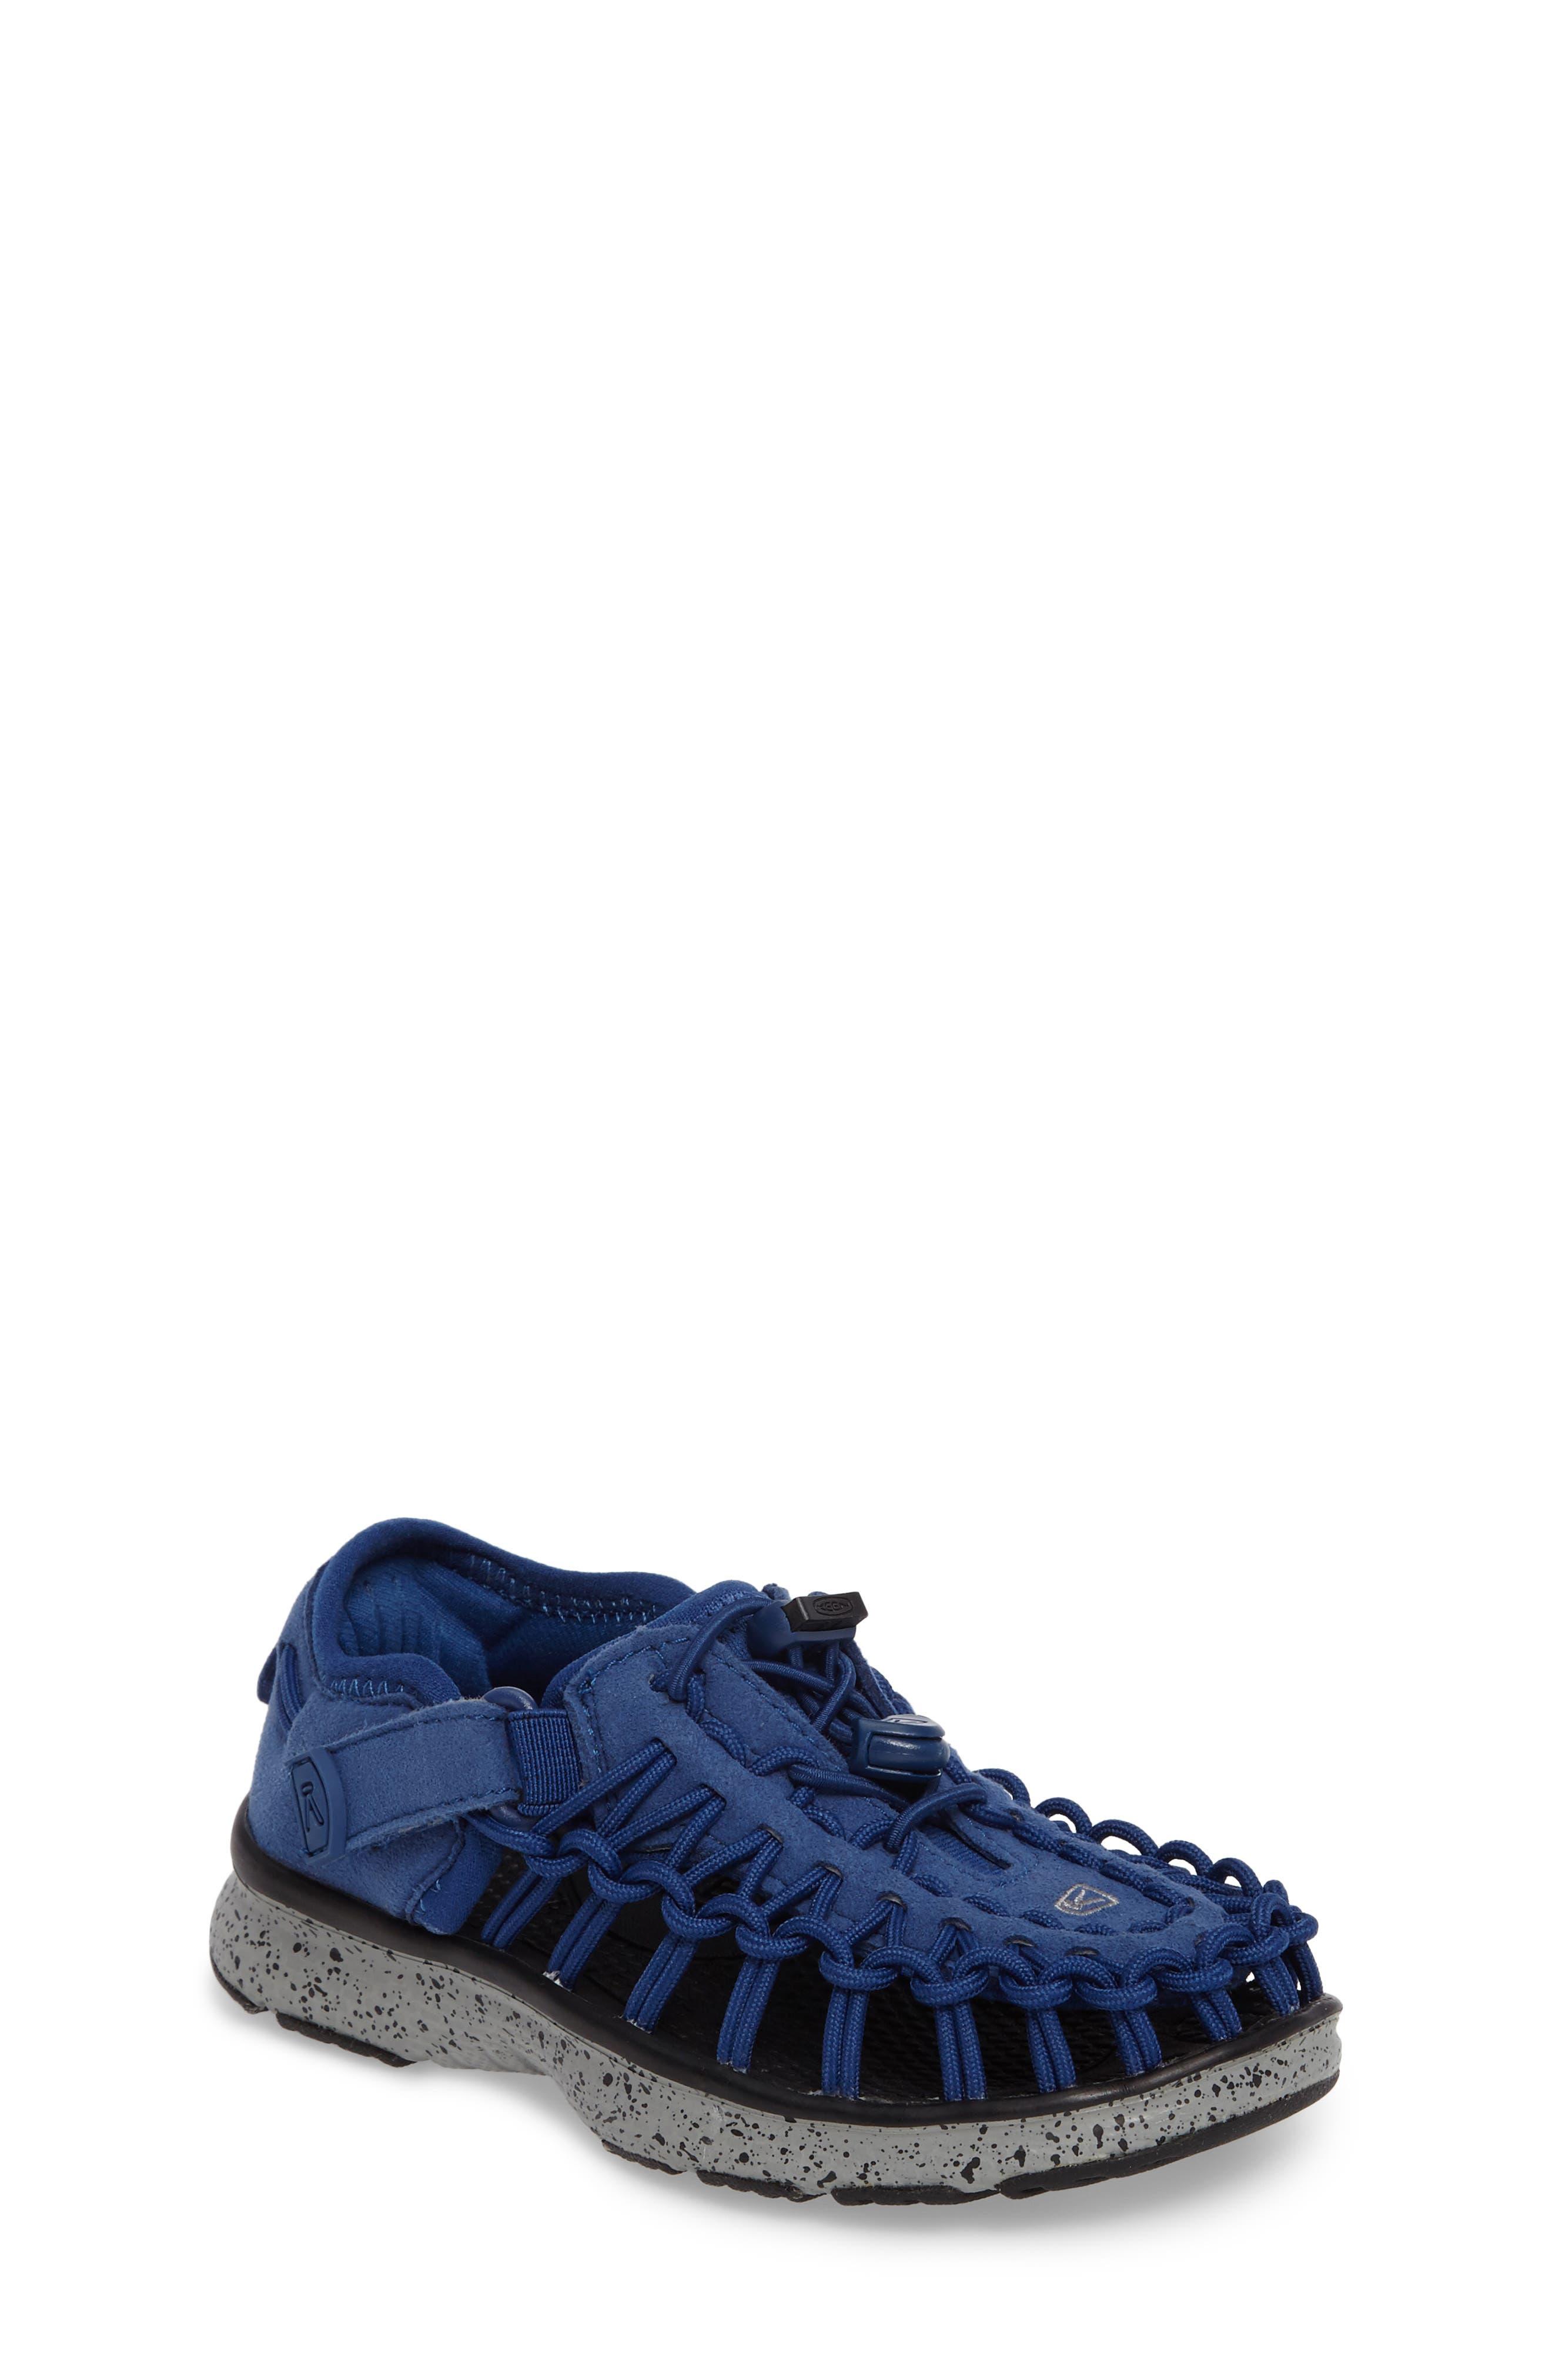 KEEN Uneek Water Sneaker